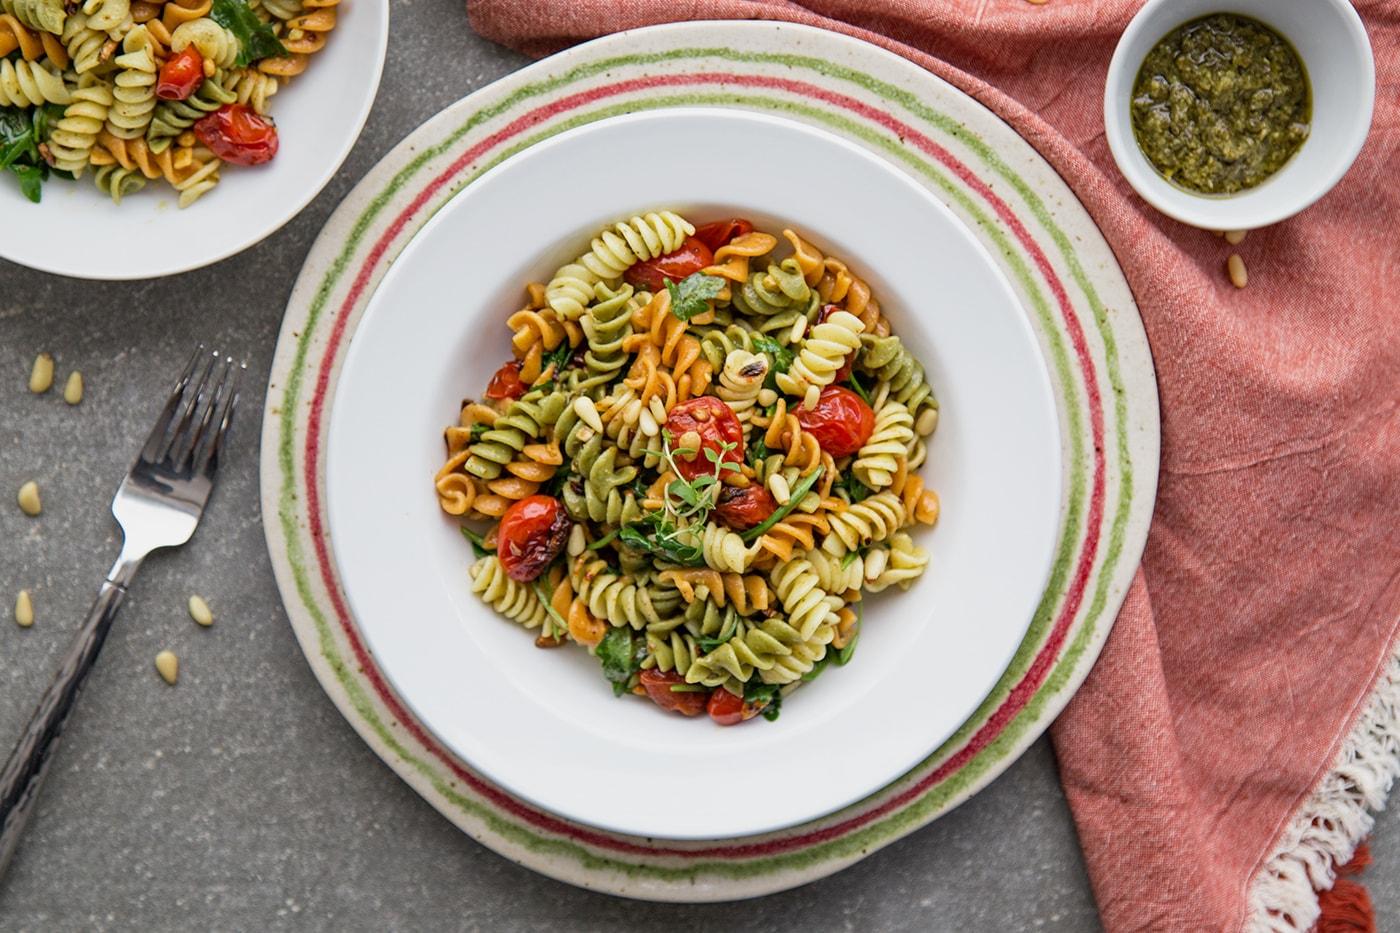 Vegan-garlic-rice-pasta-and-cherry-tomatoes-min